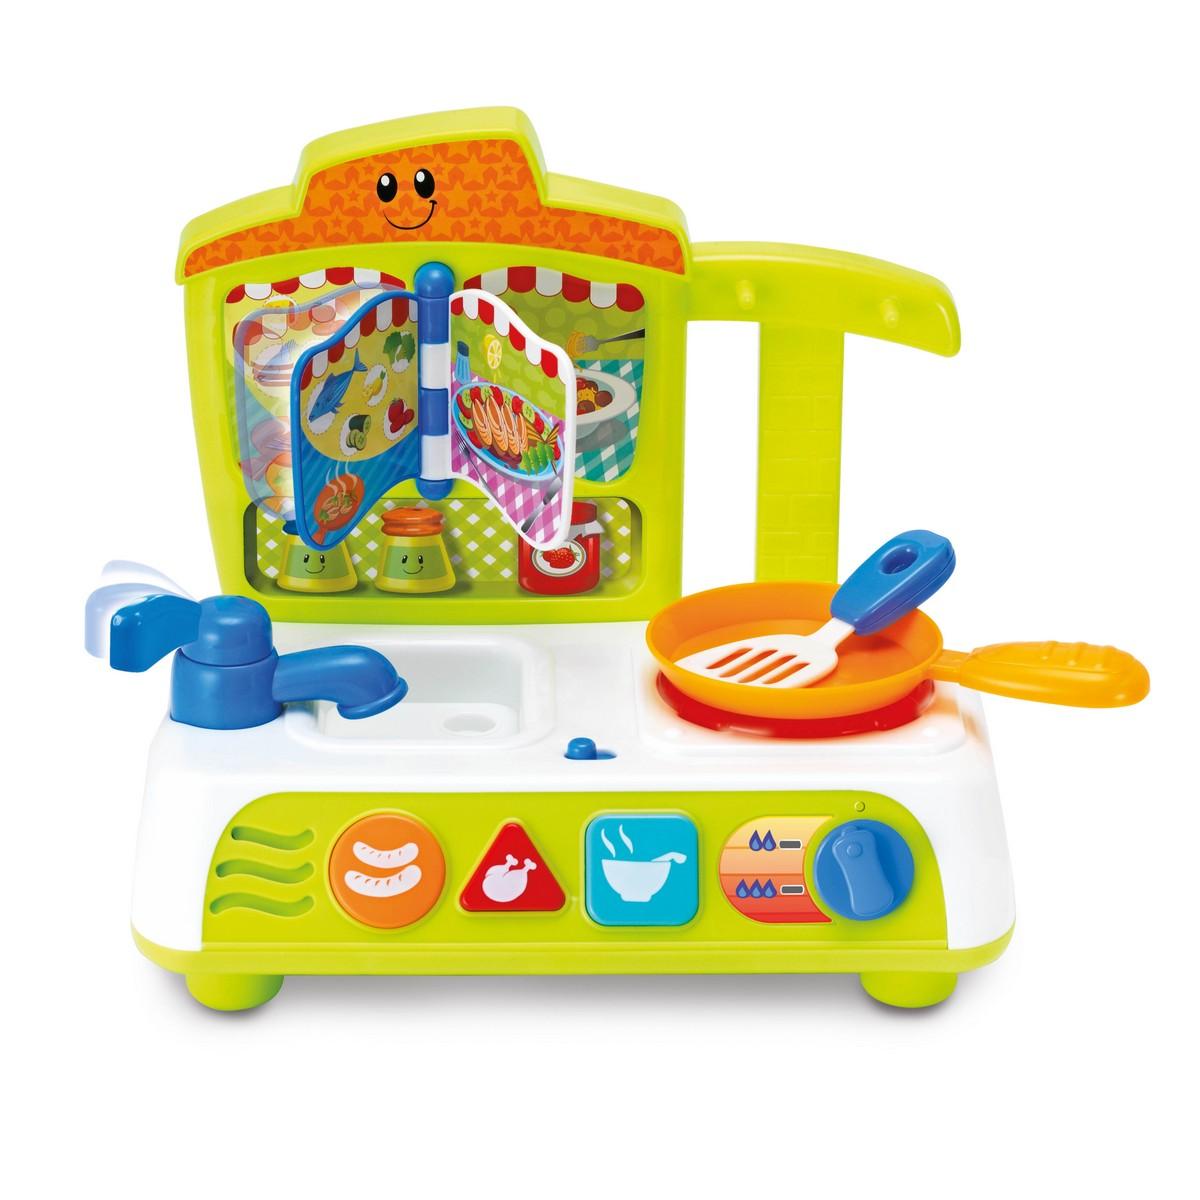 Zabawka Sensoryczna Aktywizująca Rozgadana Kuchnia Smily